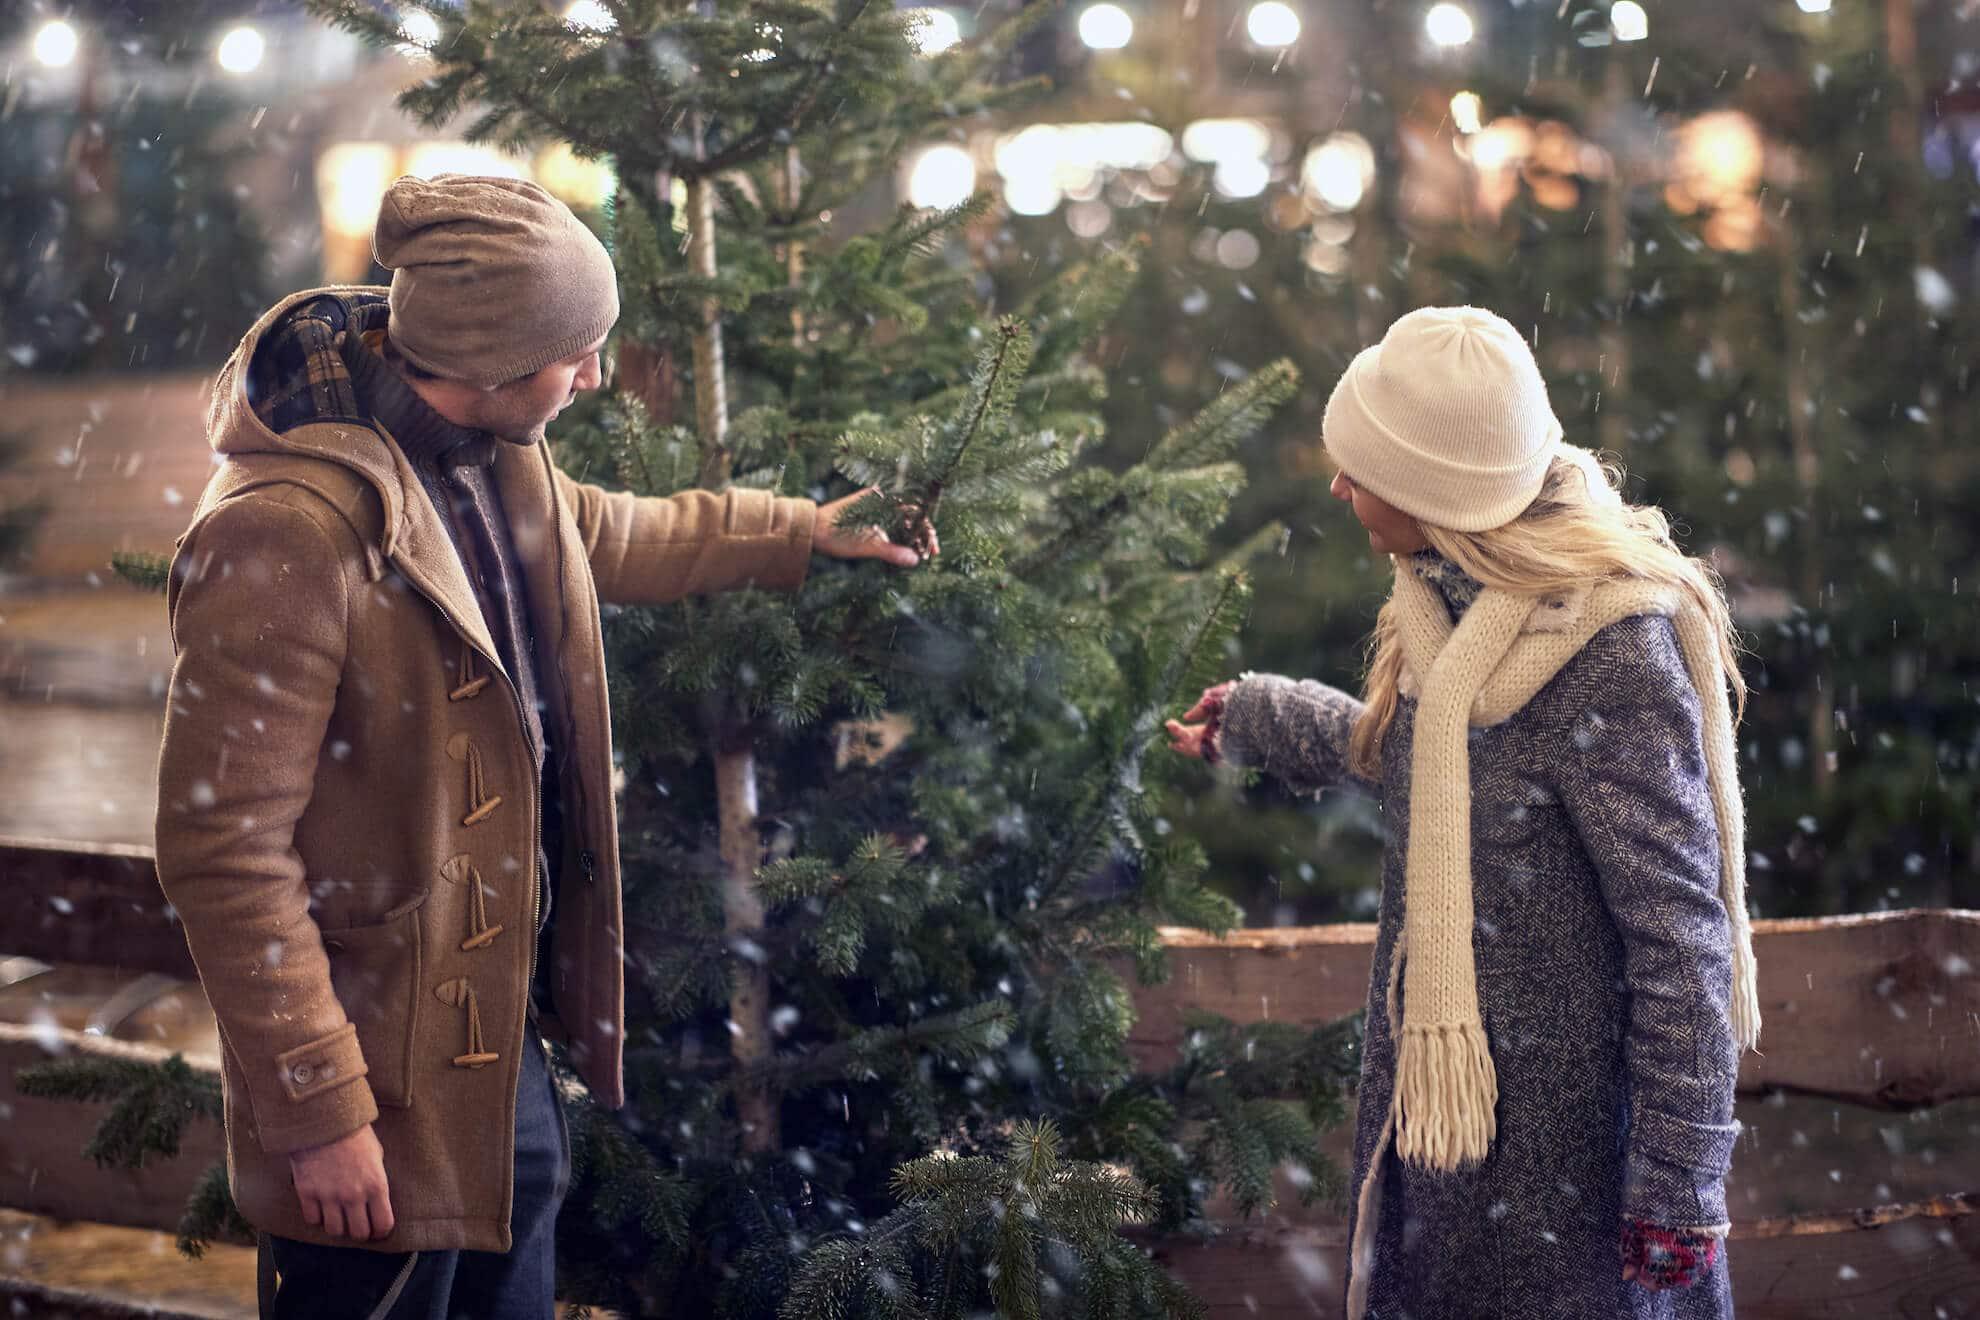 Langenfeld Weihnachtsbaum kaufen Übersicht Tannenbaum